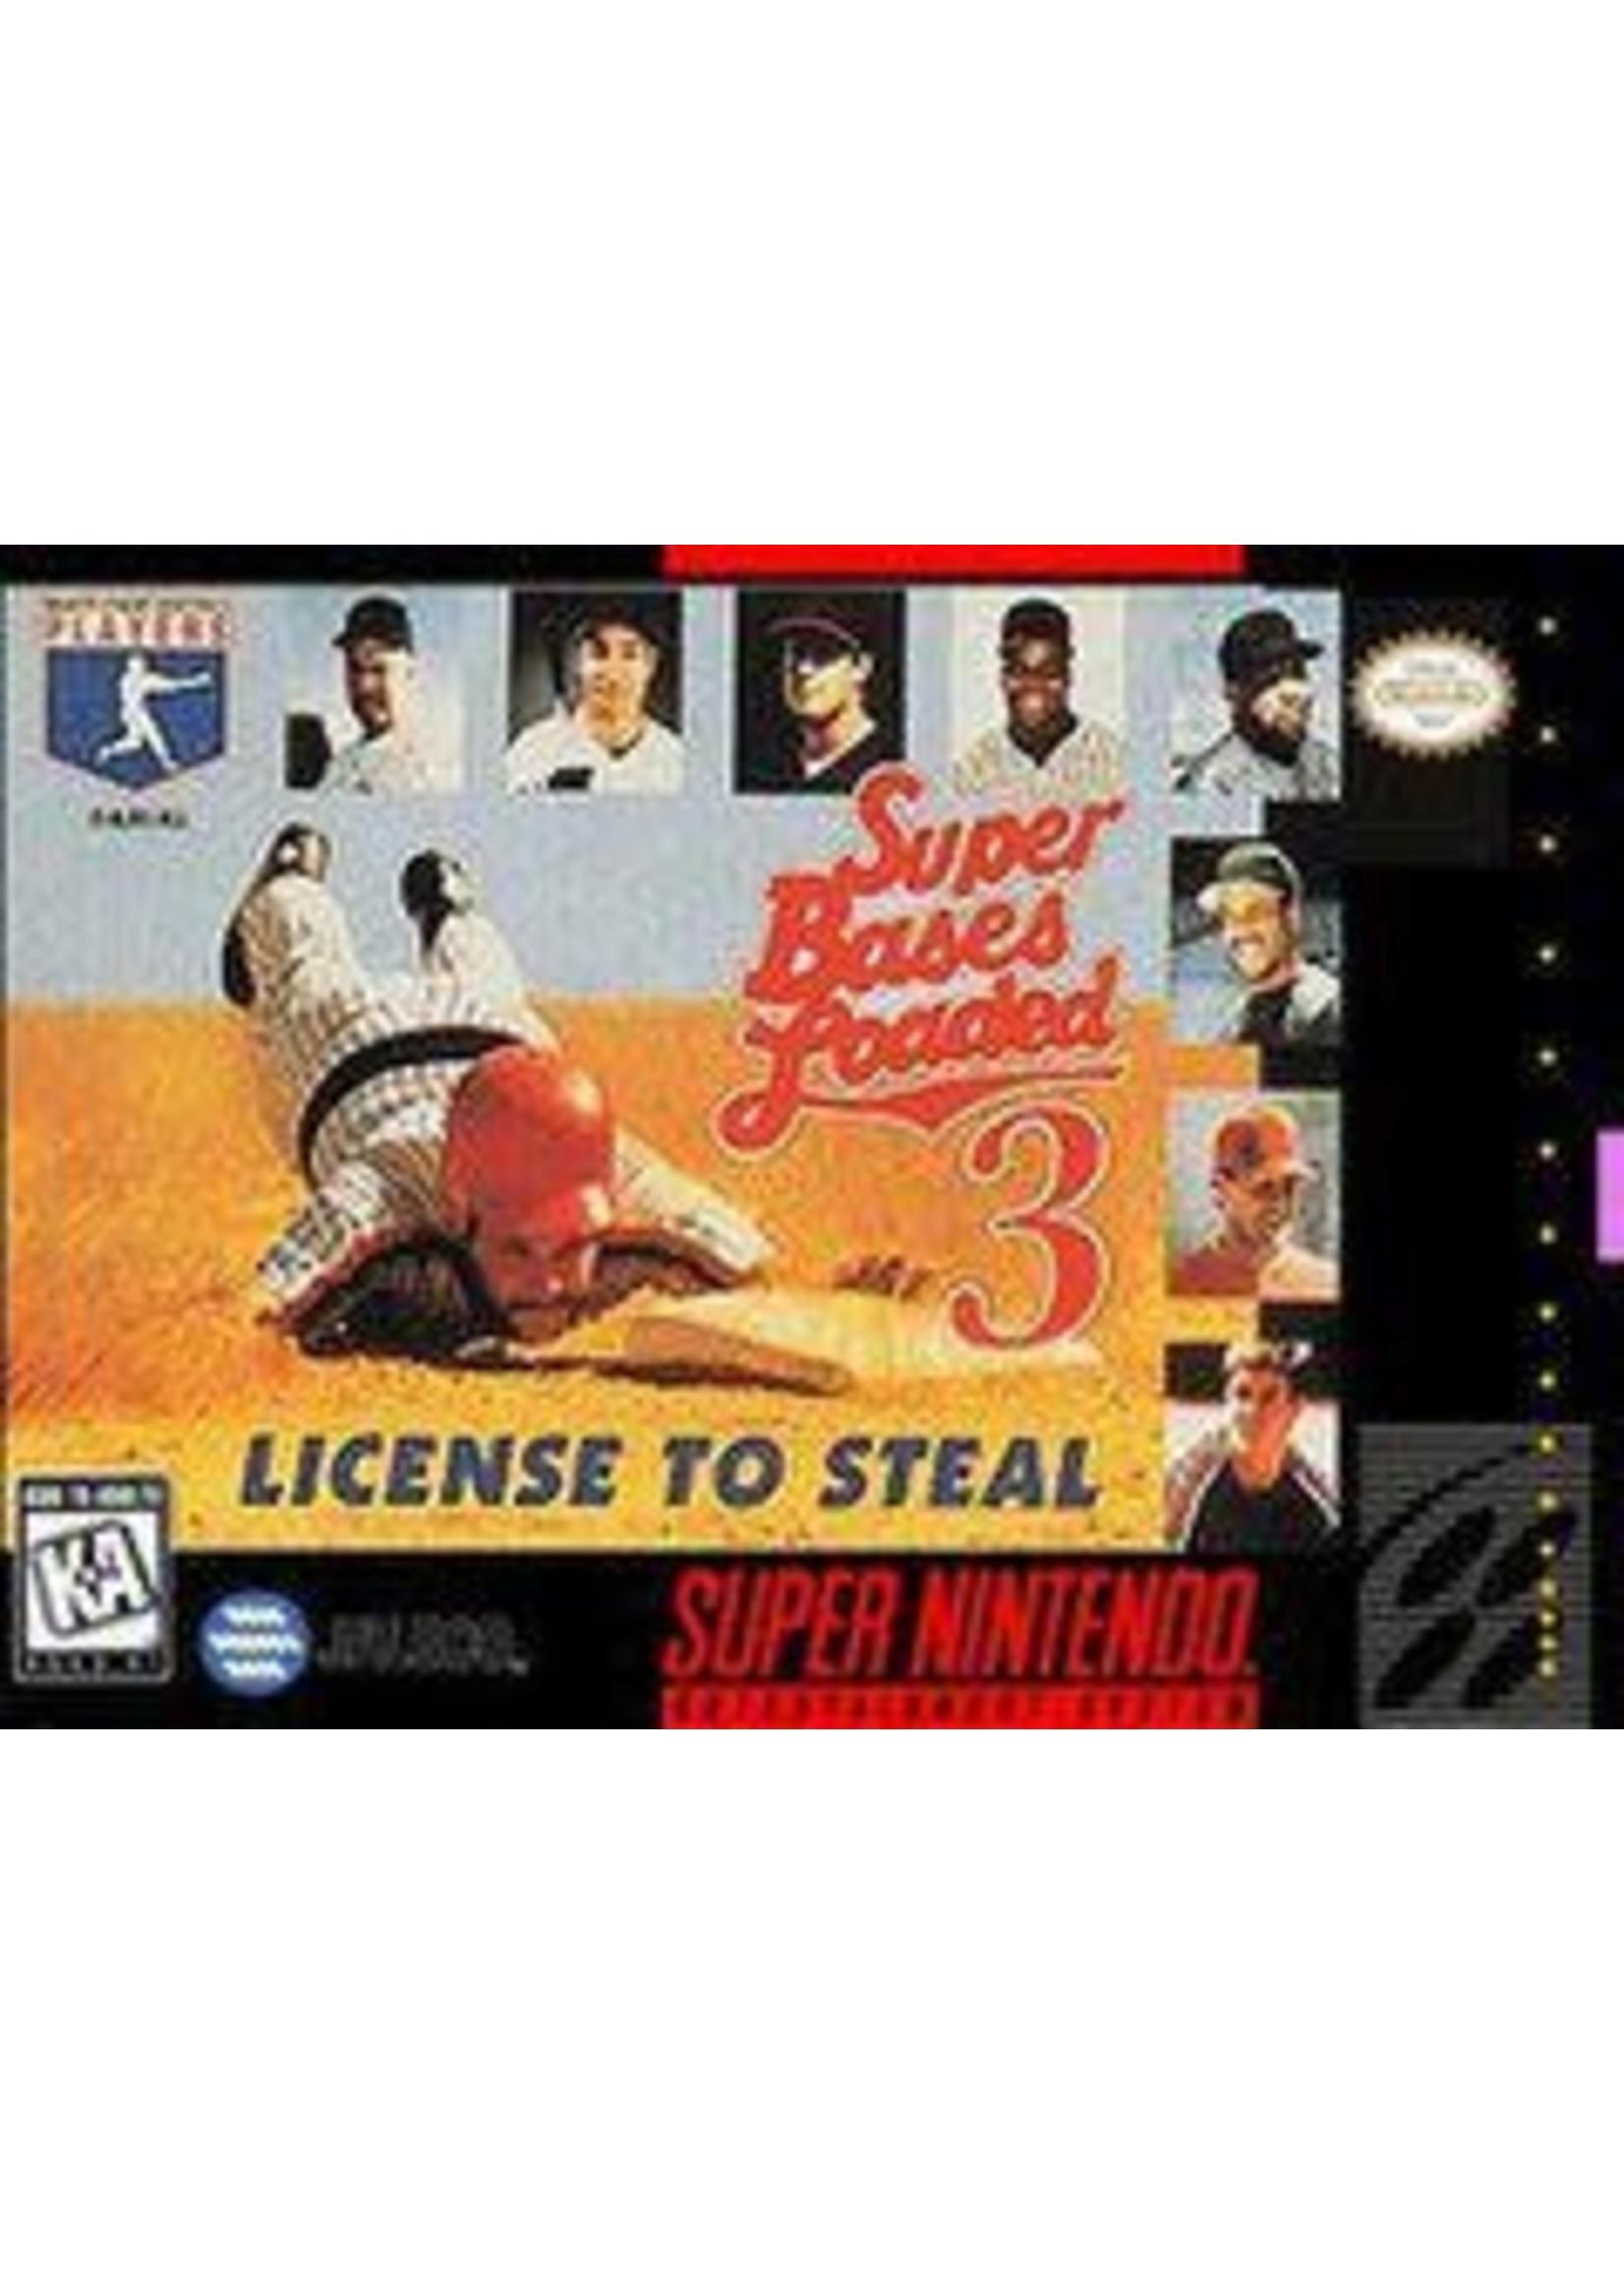 Super Bases Loaded 3: License To Steal Super Nintendo